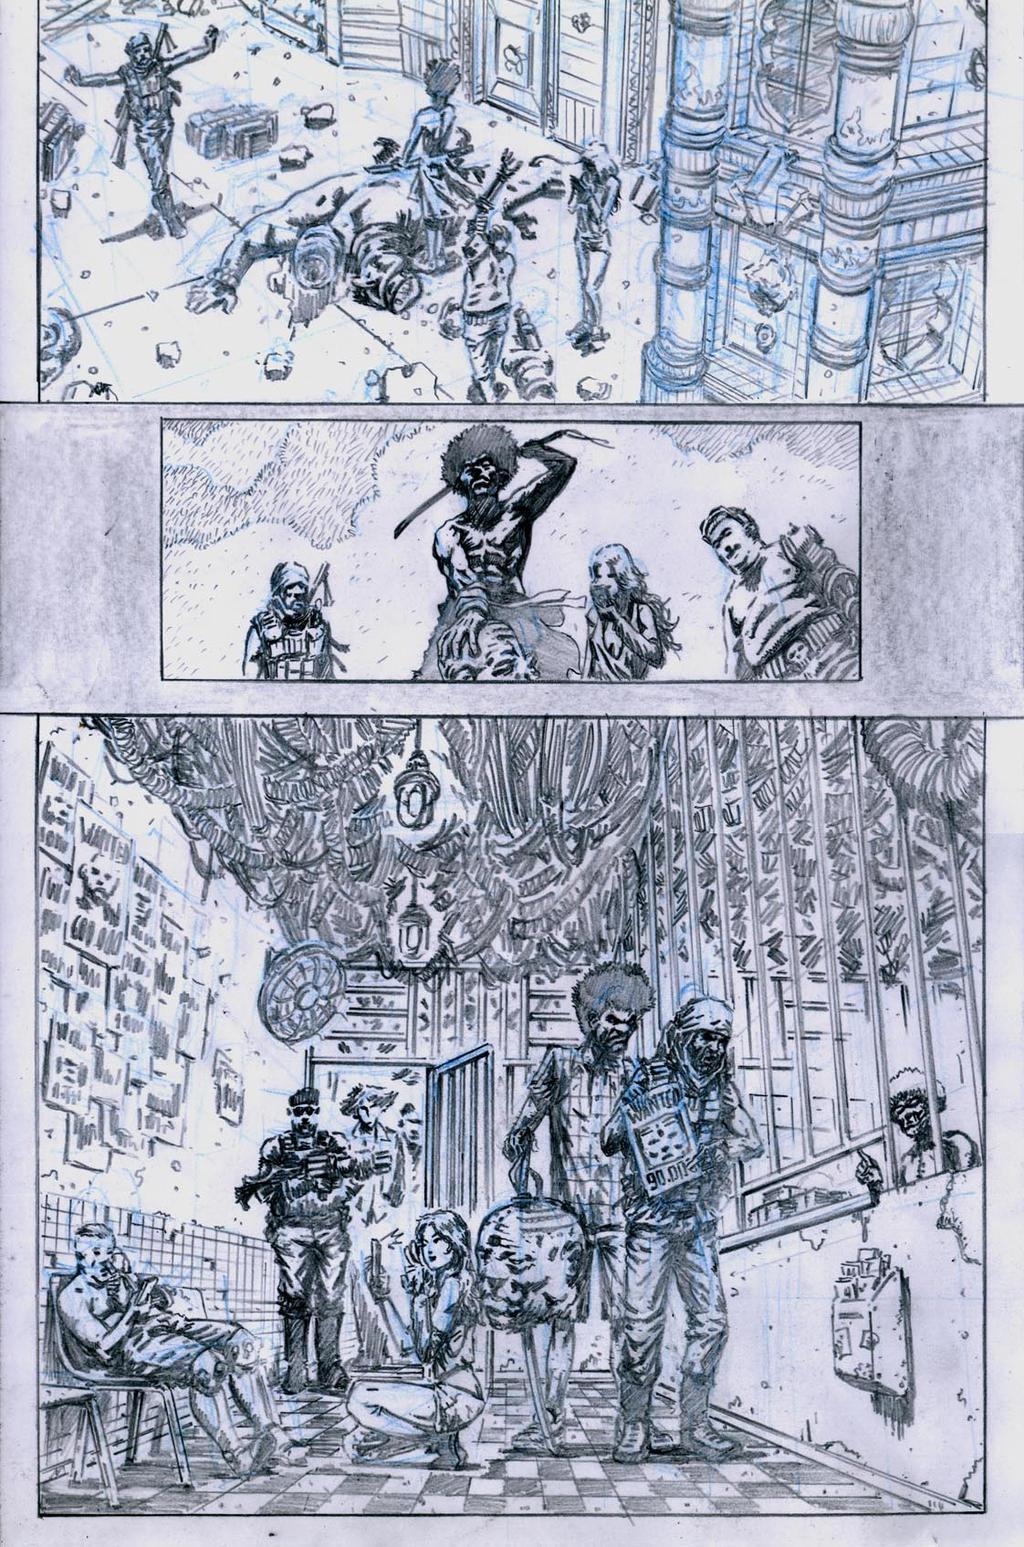 SanEspina Wanted page5 pencils by santiagocomics